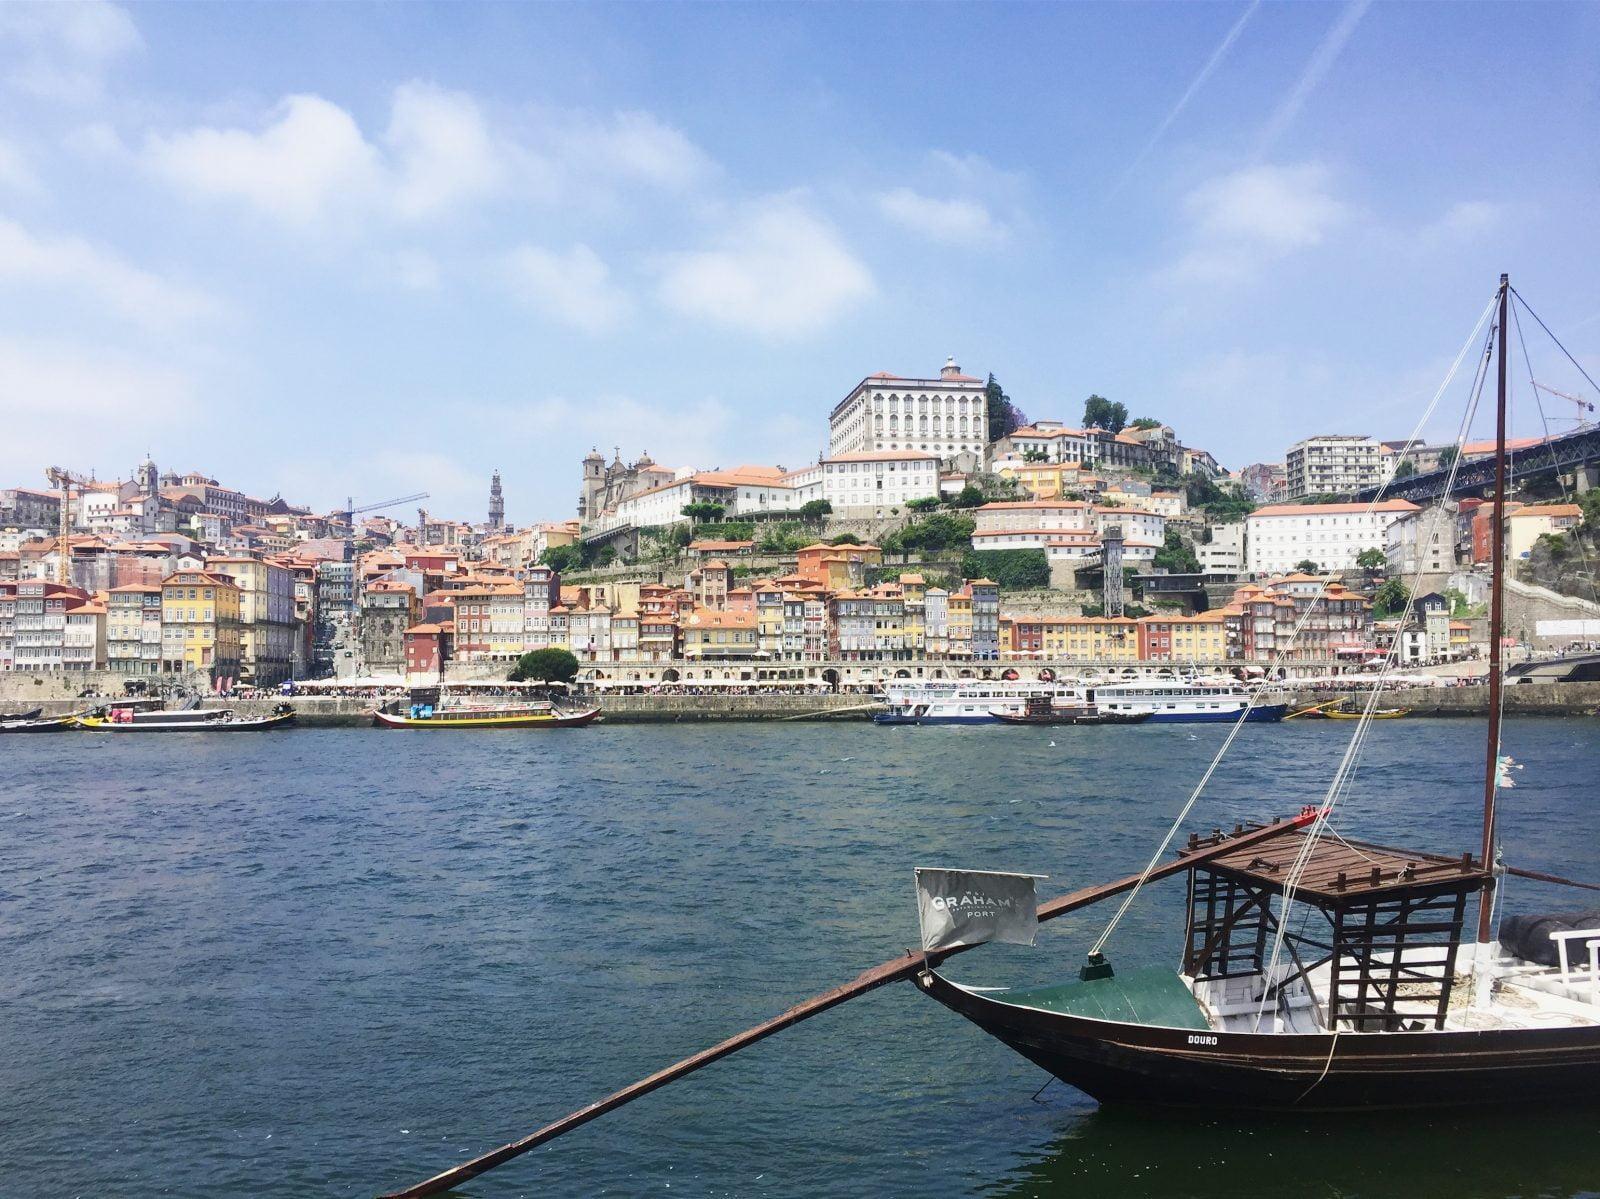 Portekiz'e Gitmek İçin Çok Geçerli Sebepler